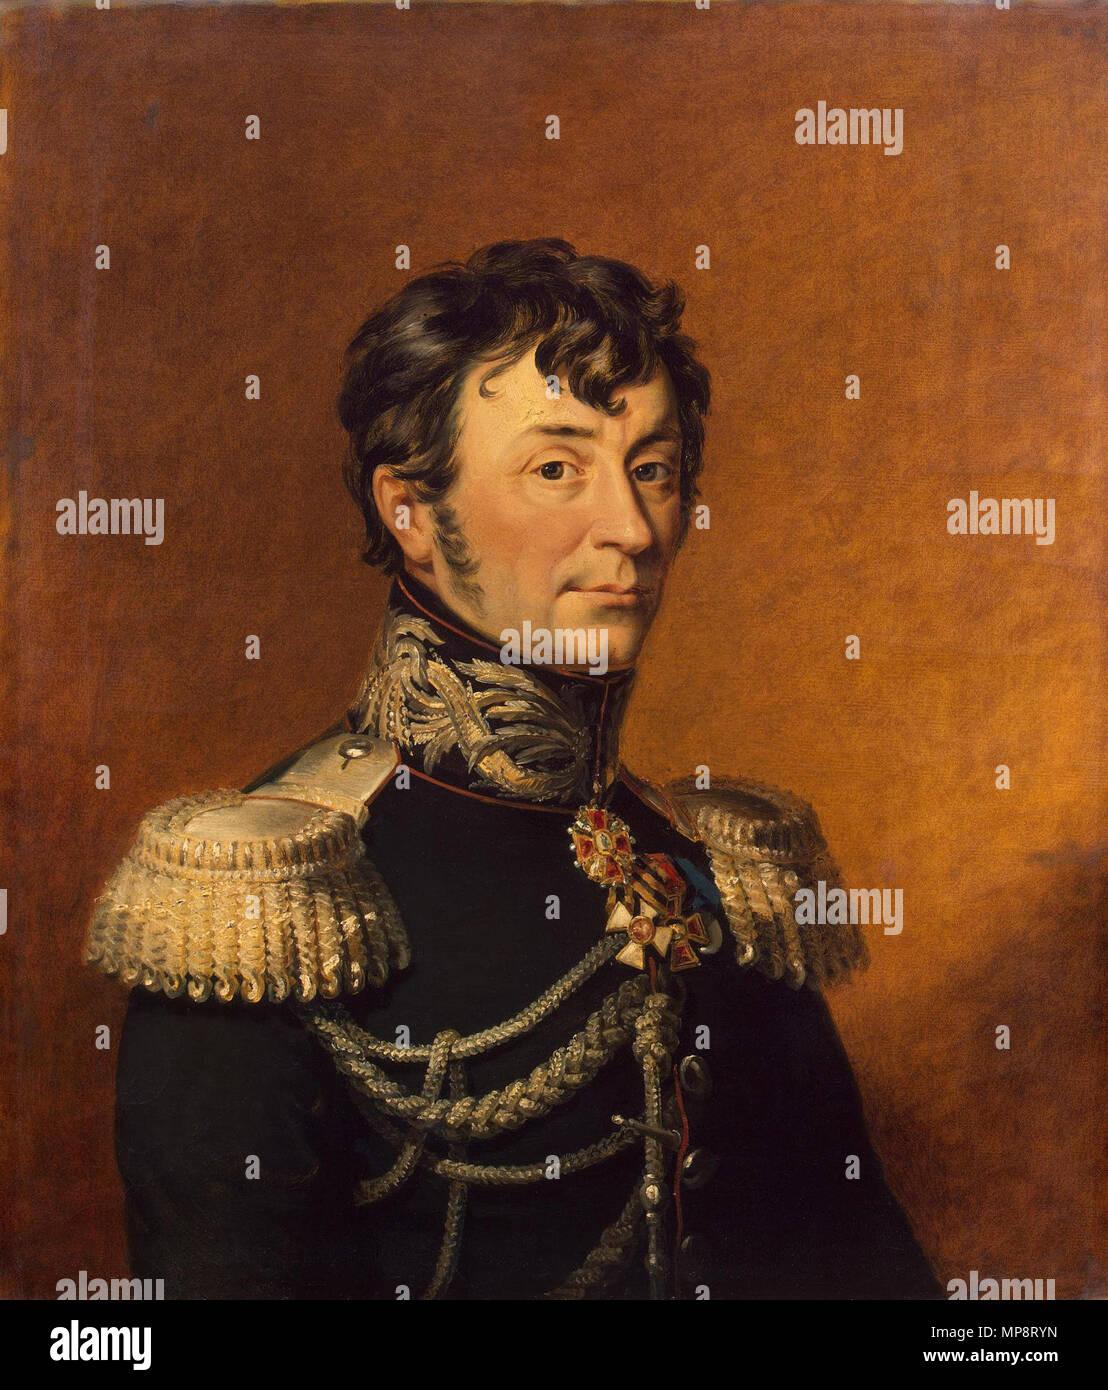 Inglés: Retrato del Barón Karl von Jürgensburg Clodt (1765- 1823), el general ruso Русский: Карл Фёдорович КЛОДТ ФОН ЮРГЕНСБУРГ entre 1823 y 1825. 769 Klodt Karl Gustav Foto de stock